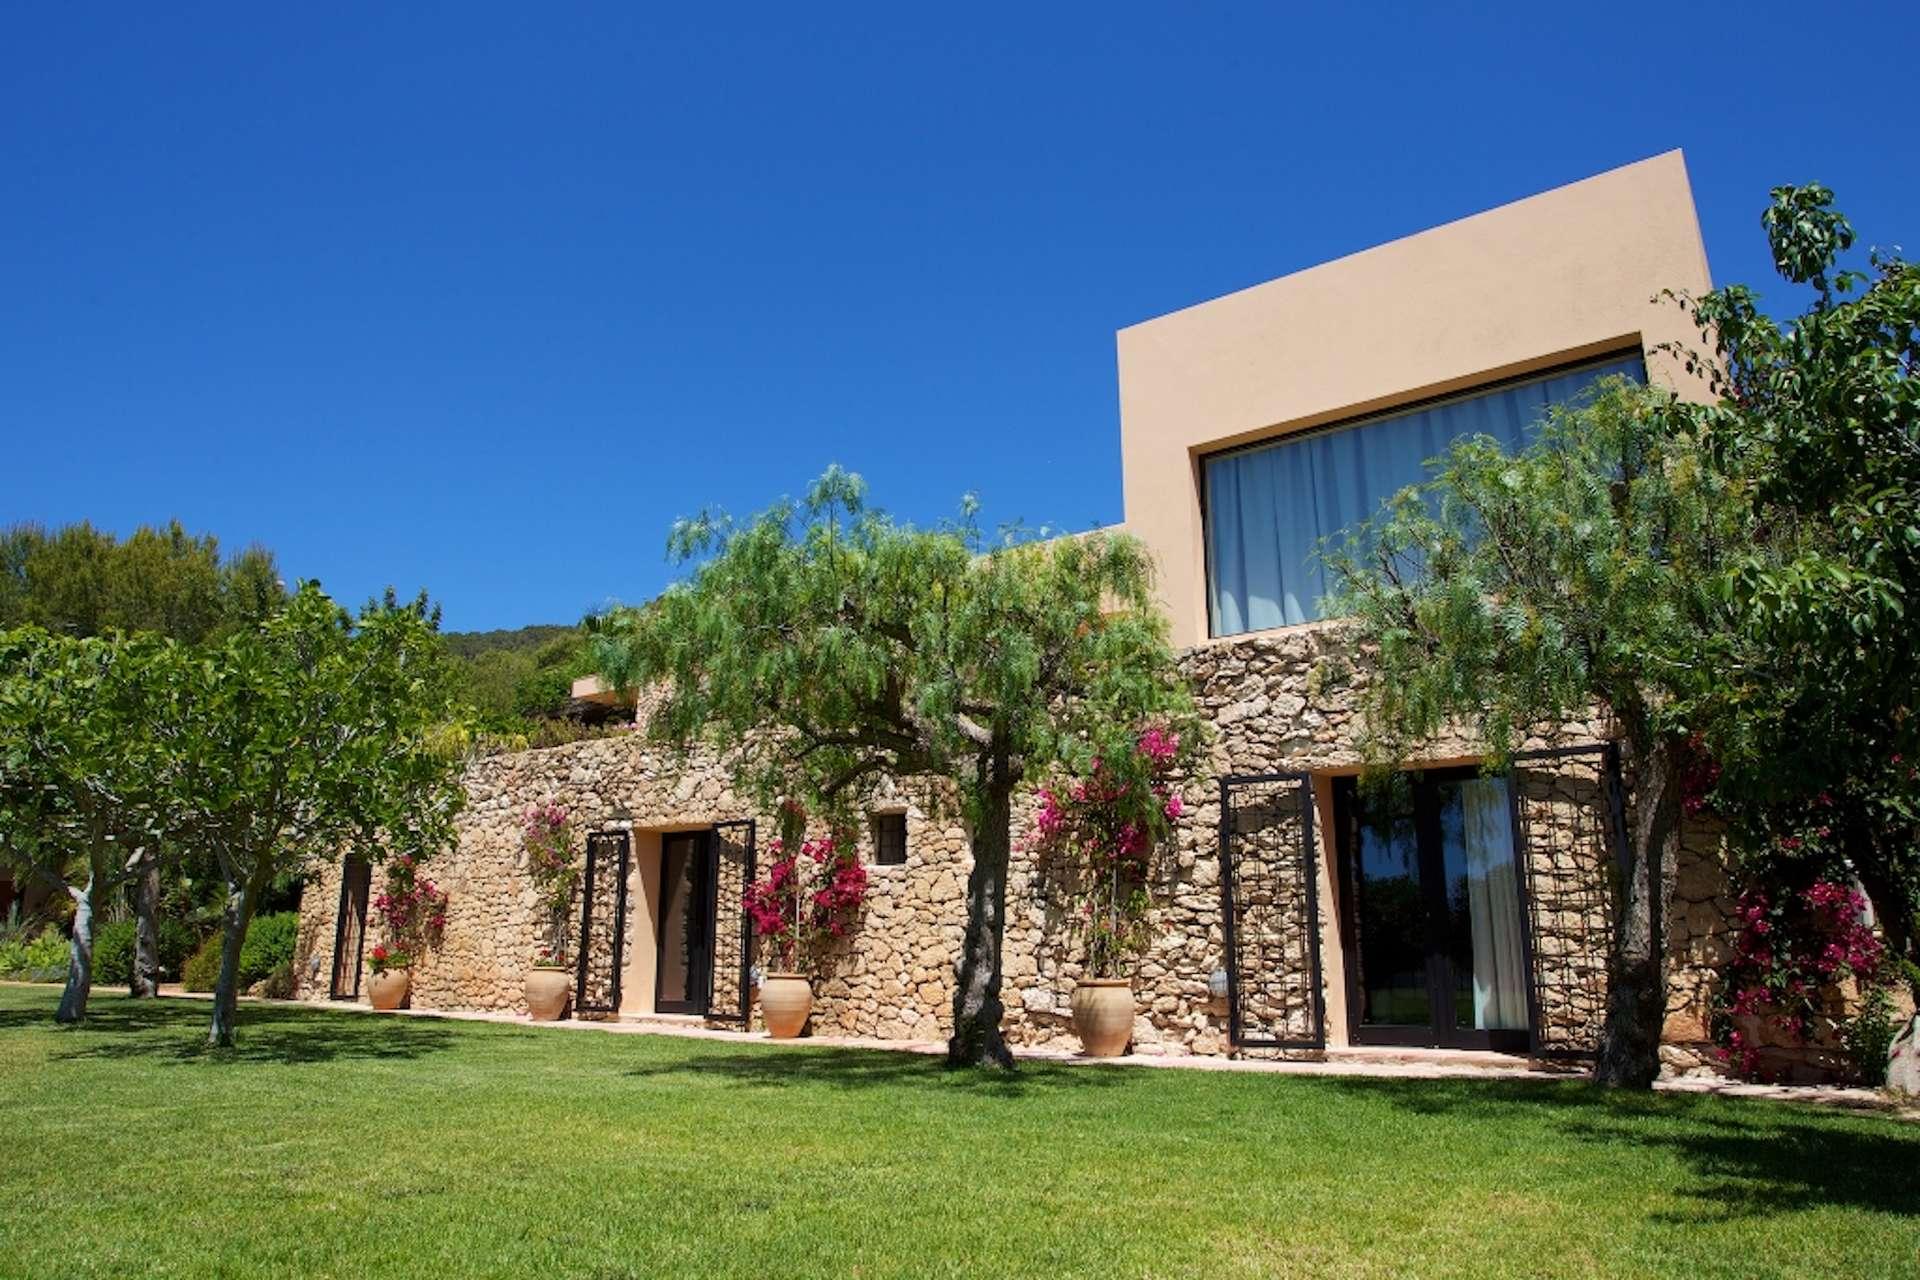 - Villa Casa Jardin - Image 1/51